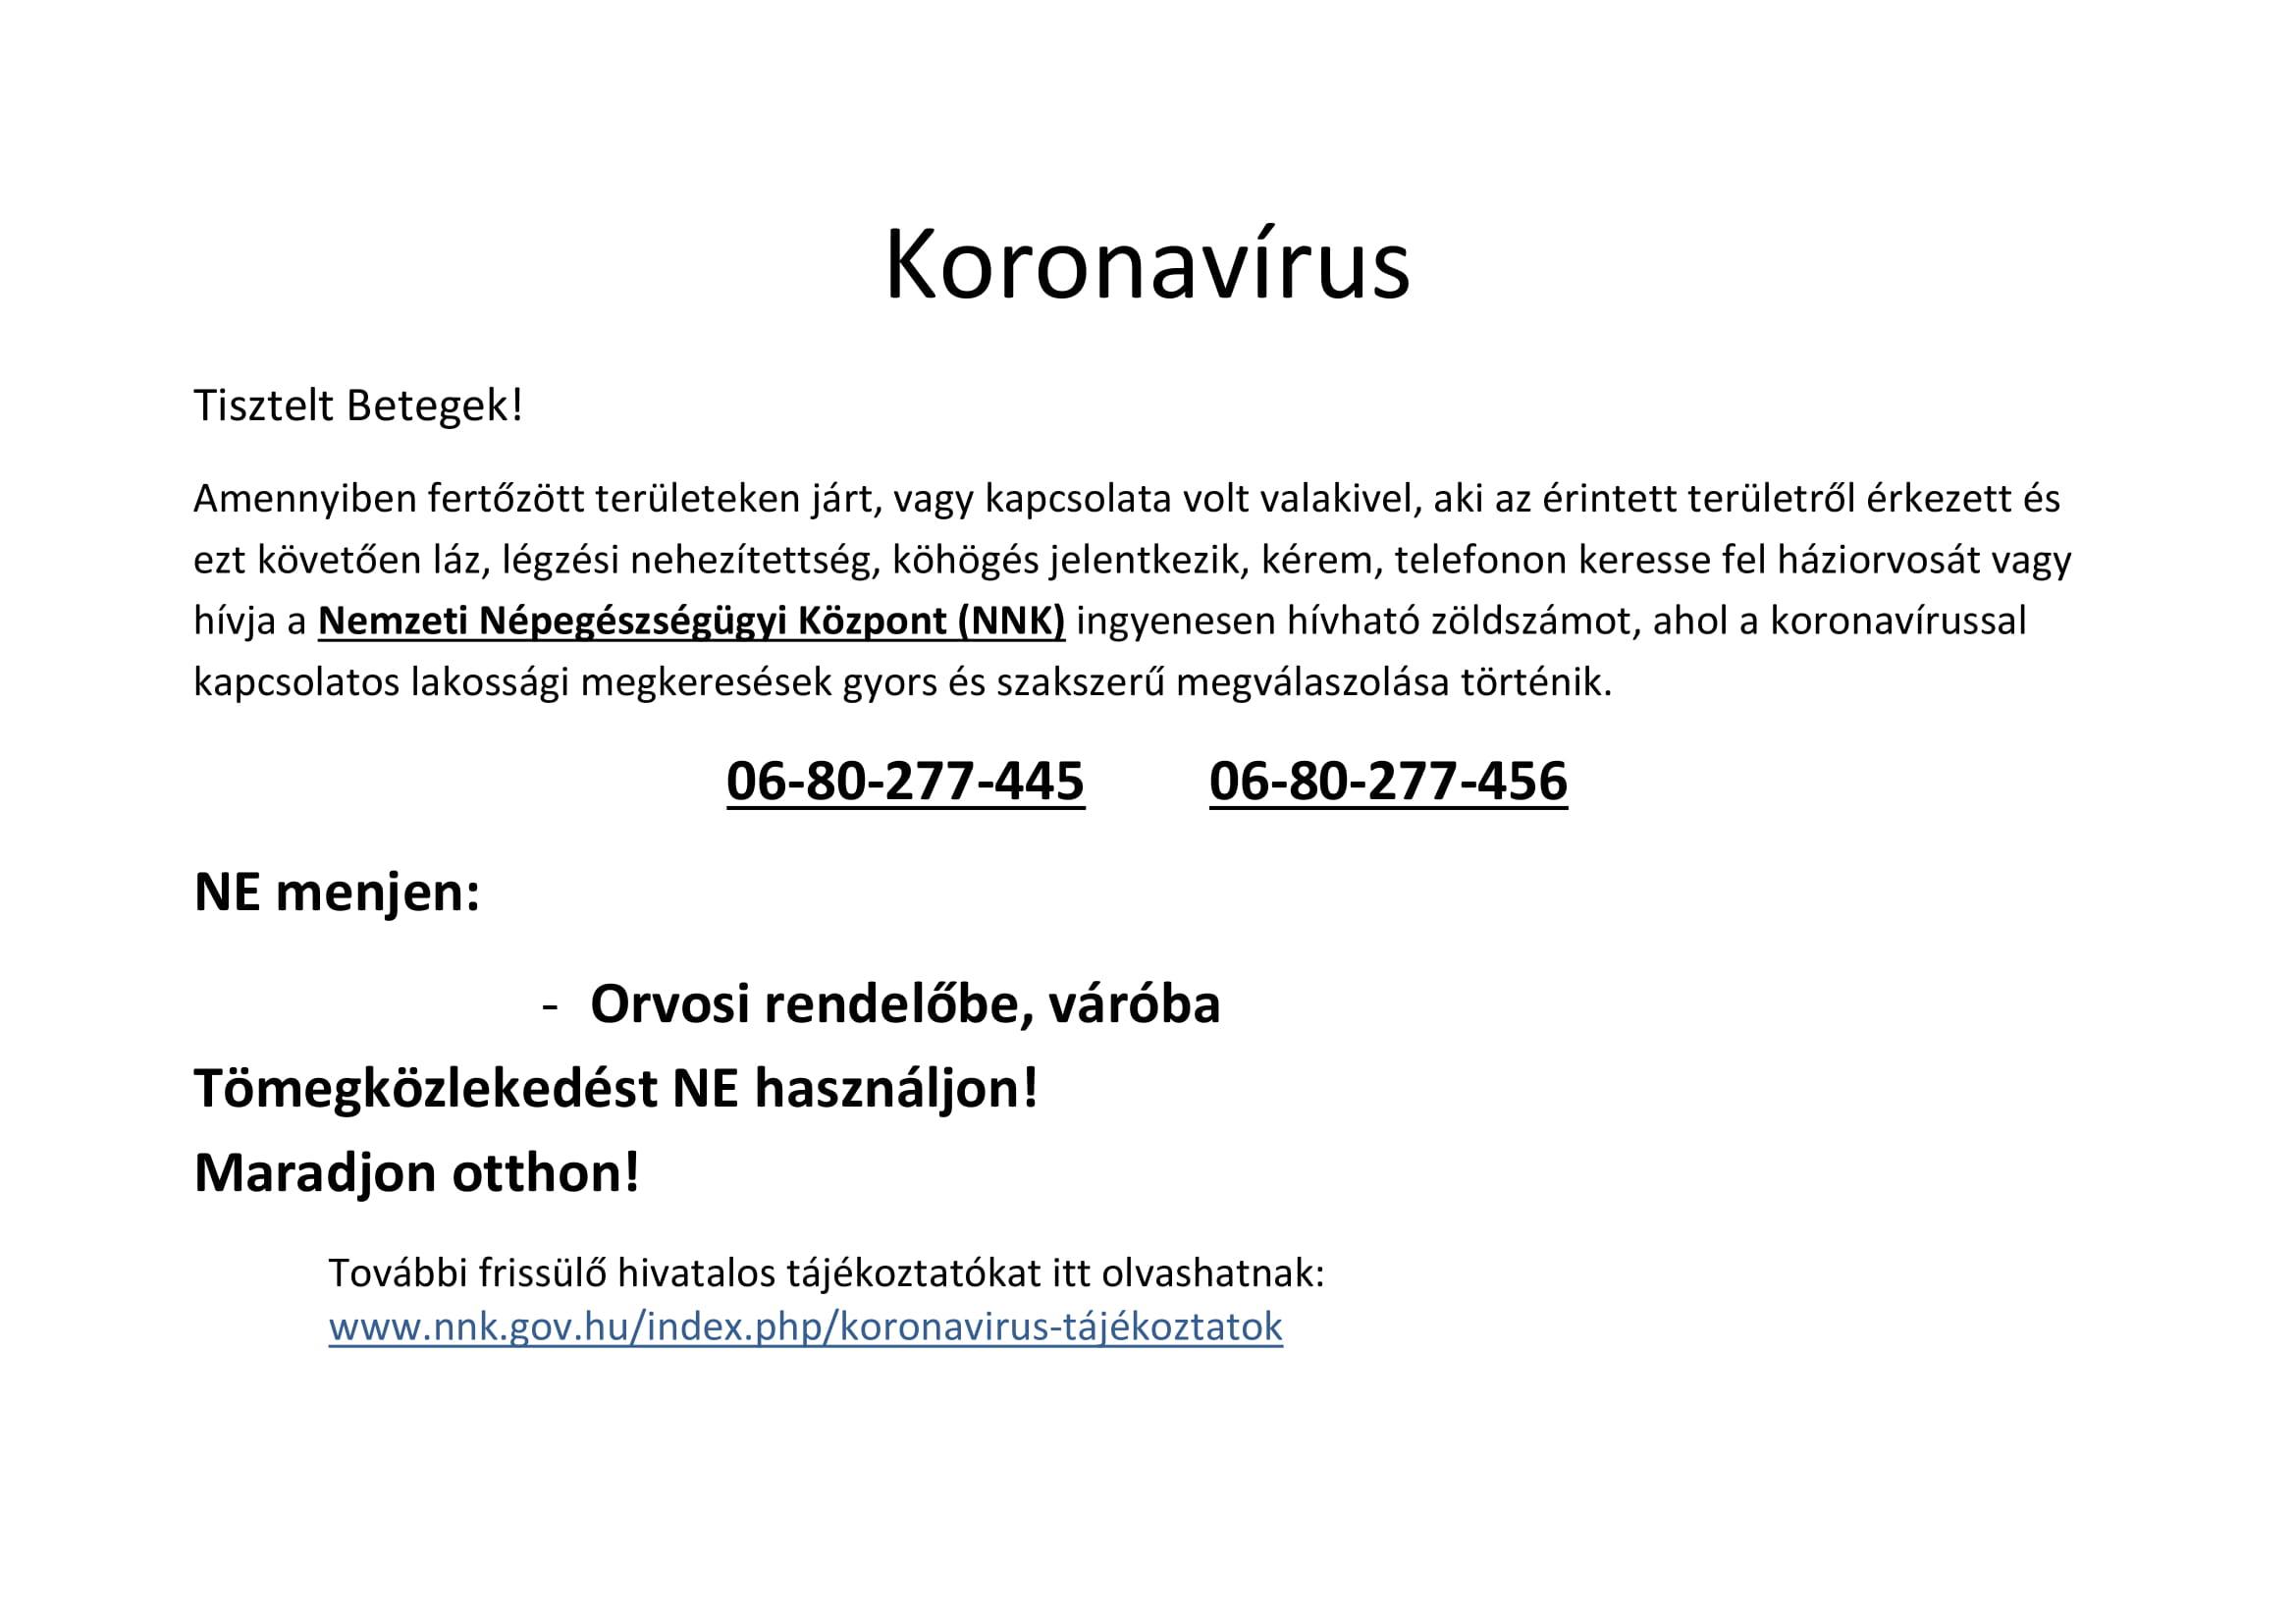 Tájékoztató a koronavírusról az Országos Orvosi Ügyelet Nonprofit Kft. részéről